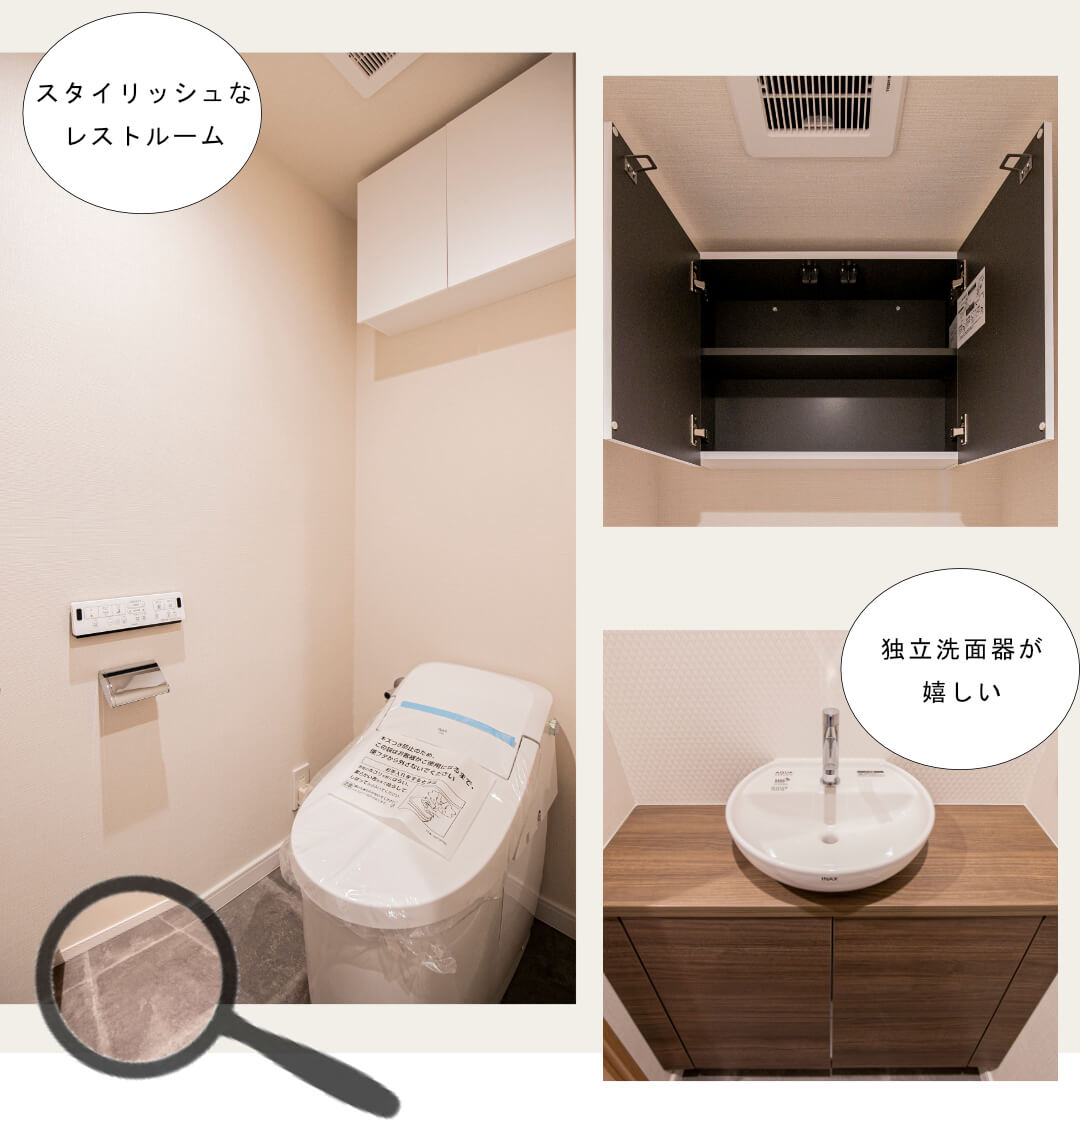 グランツオーベル千石410のトイレ